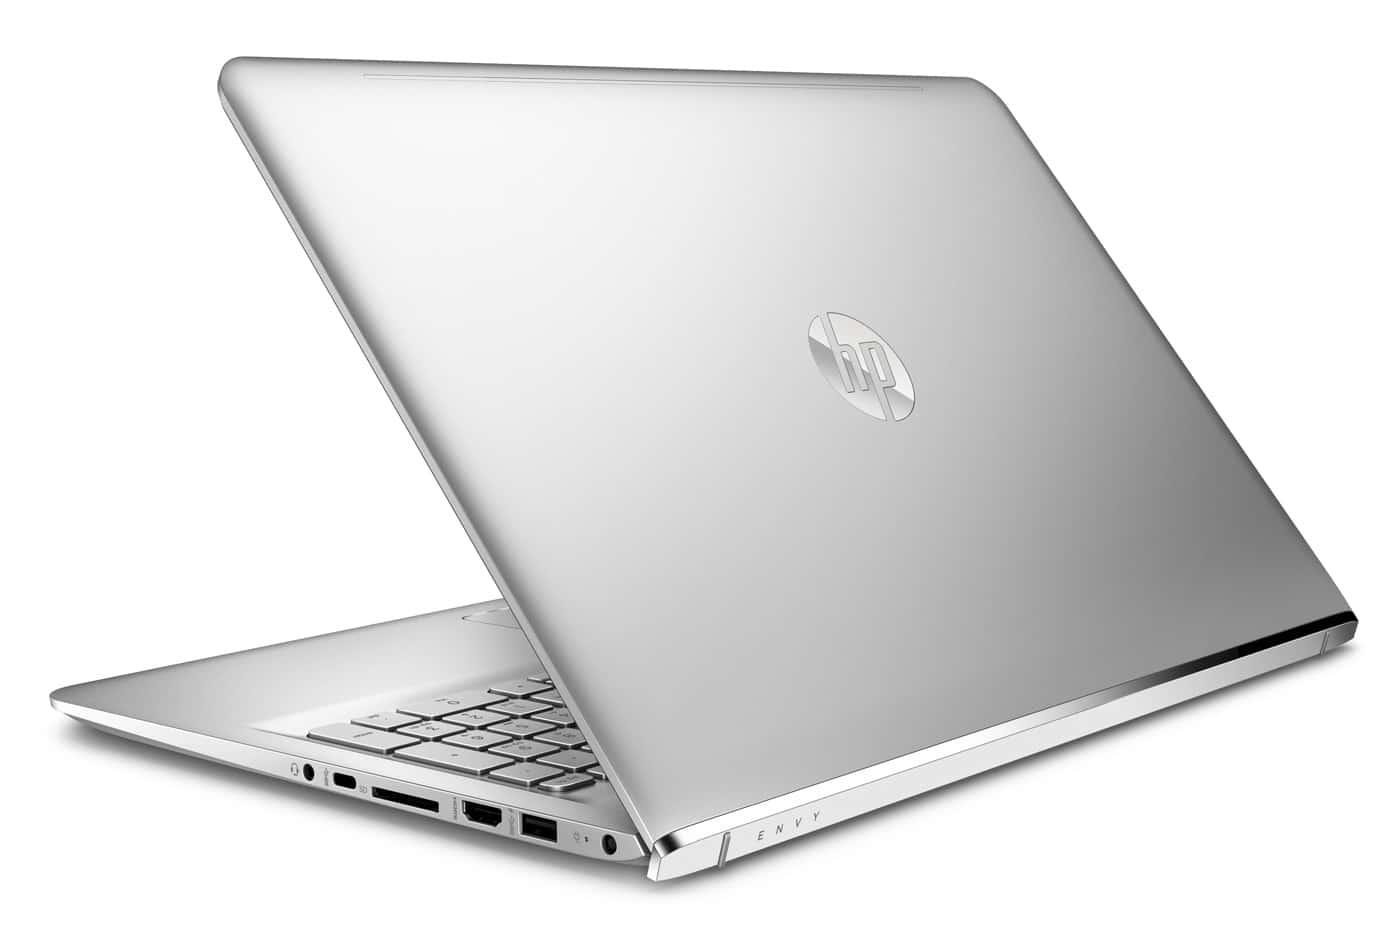 HP Envy 15-as008nf, Ultrabook 15 pouces IPS SSD 256 Core i7 Iris 9h argent à 949€